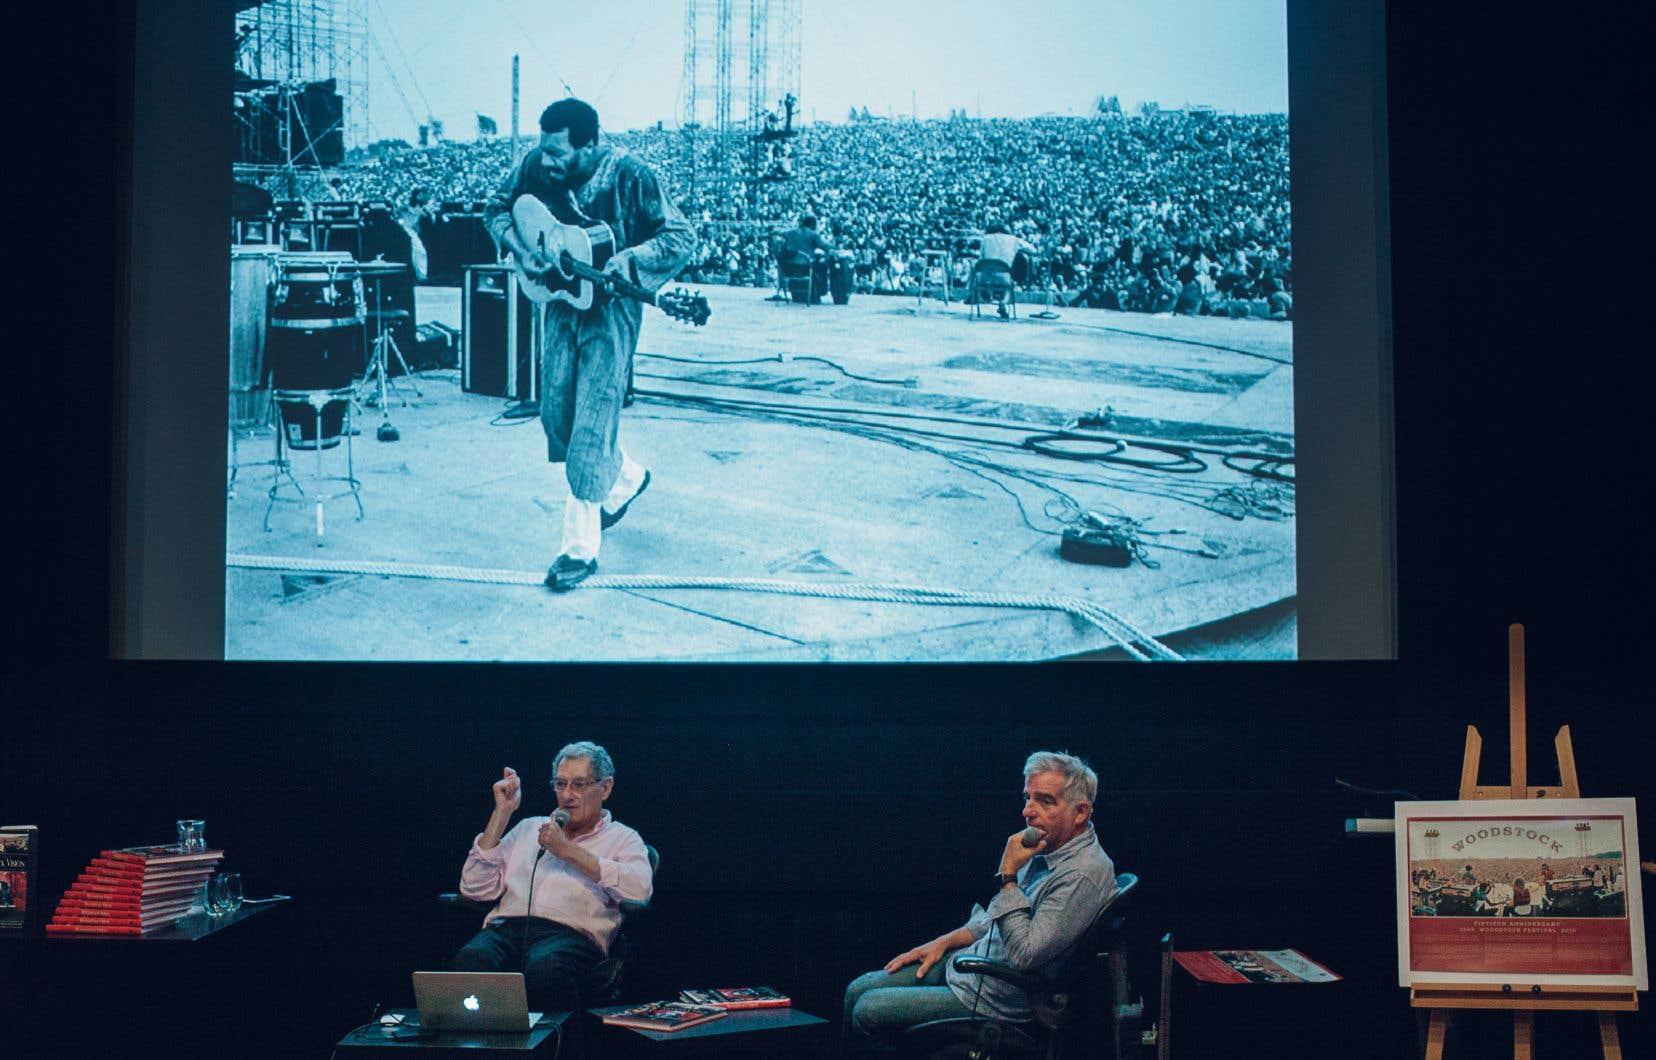 Conférence d'Elliott Landy, photographe officiel de Woodstock 1969, à l'Excentris.